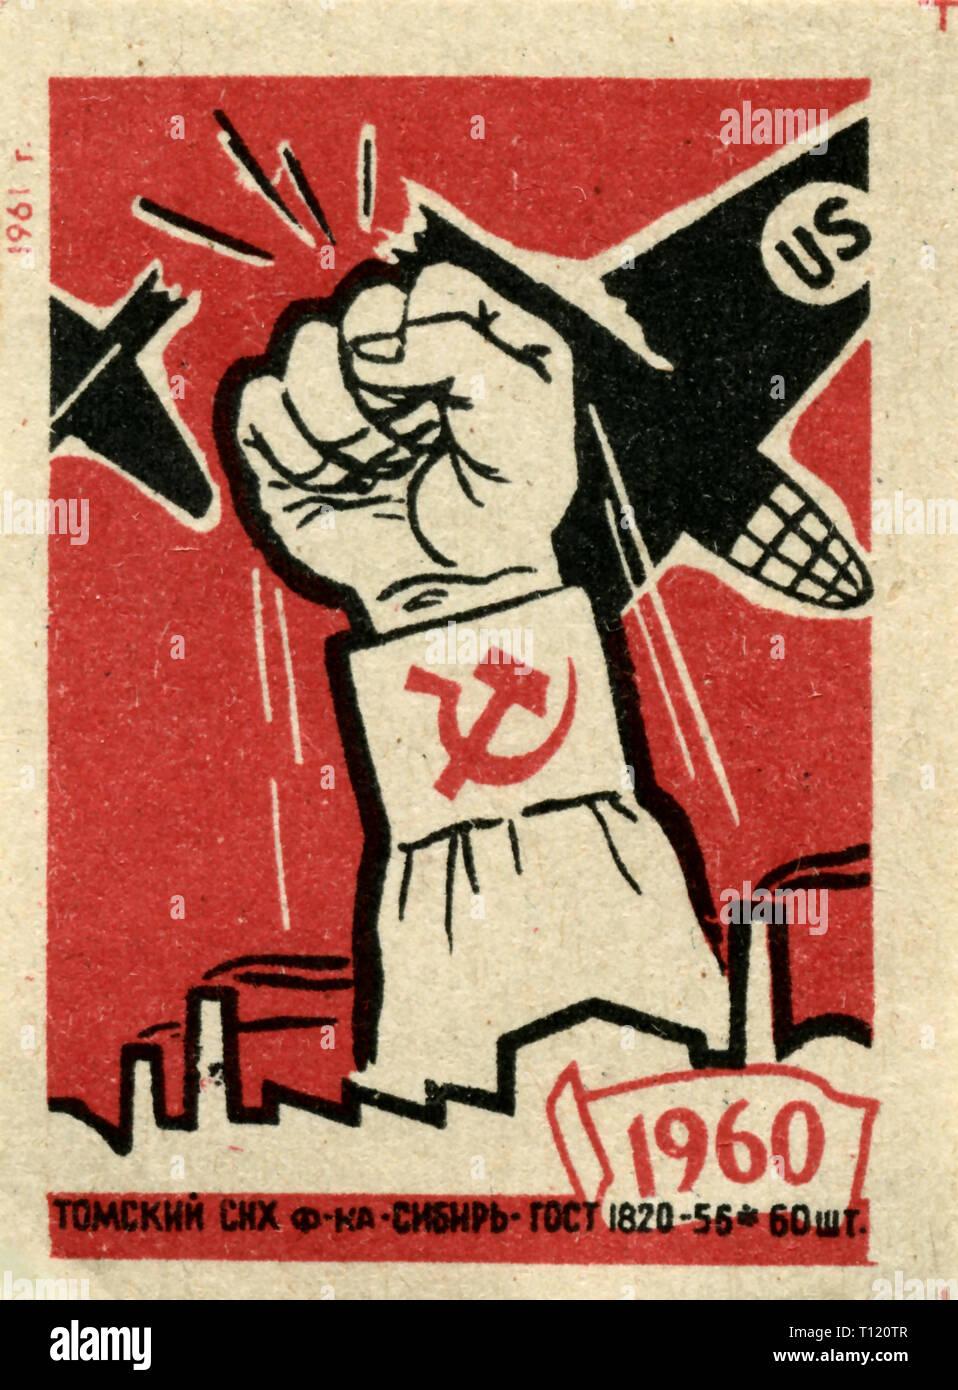 Rusia - 1961: la Unión Soviética matchbox colección de gráficos, la guerra fría Imagen De Stock